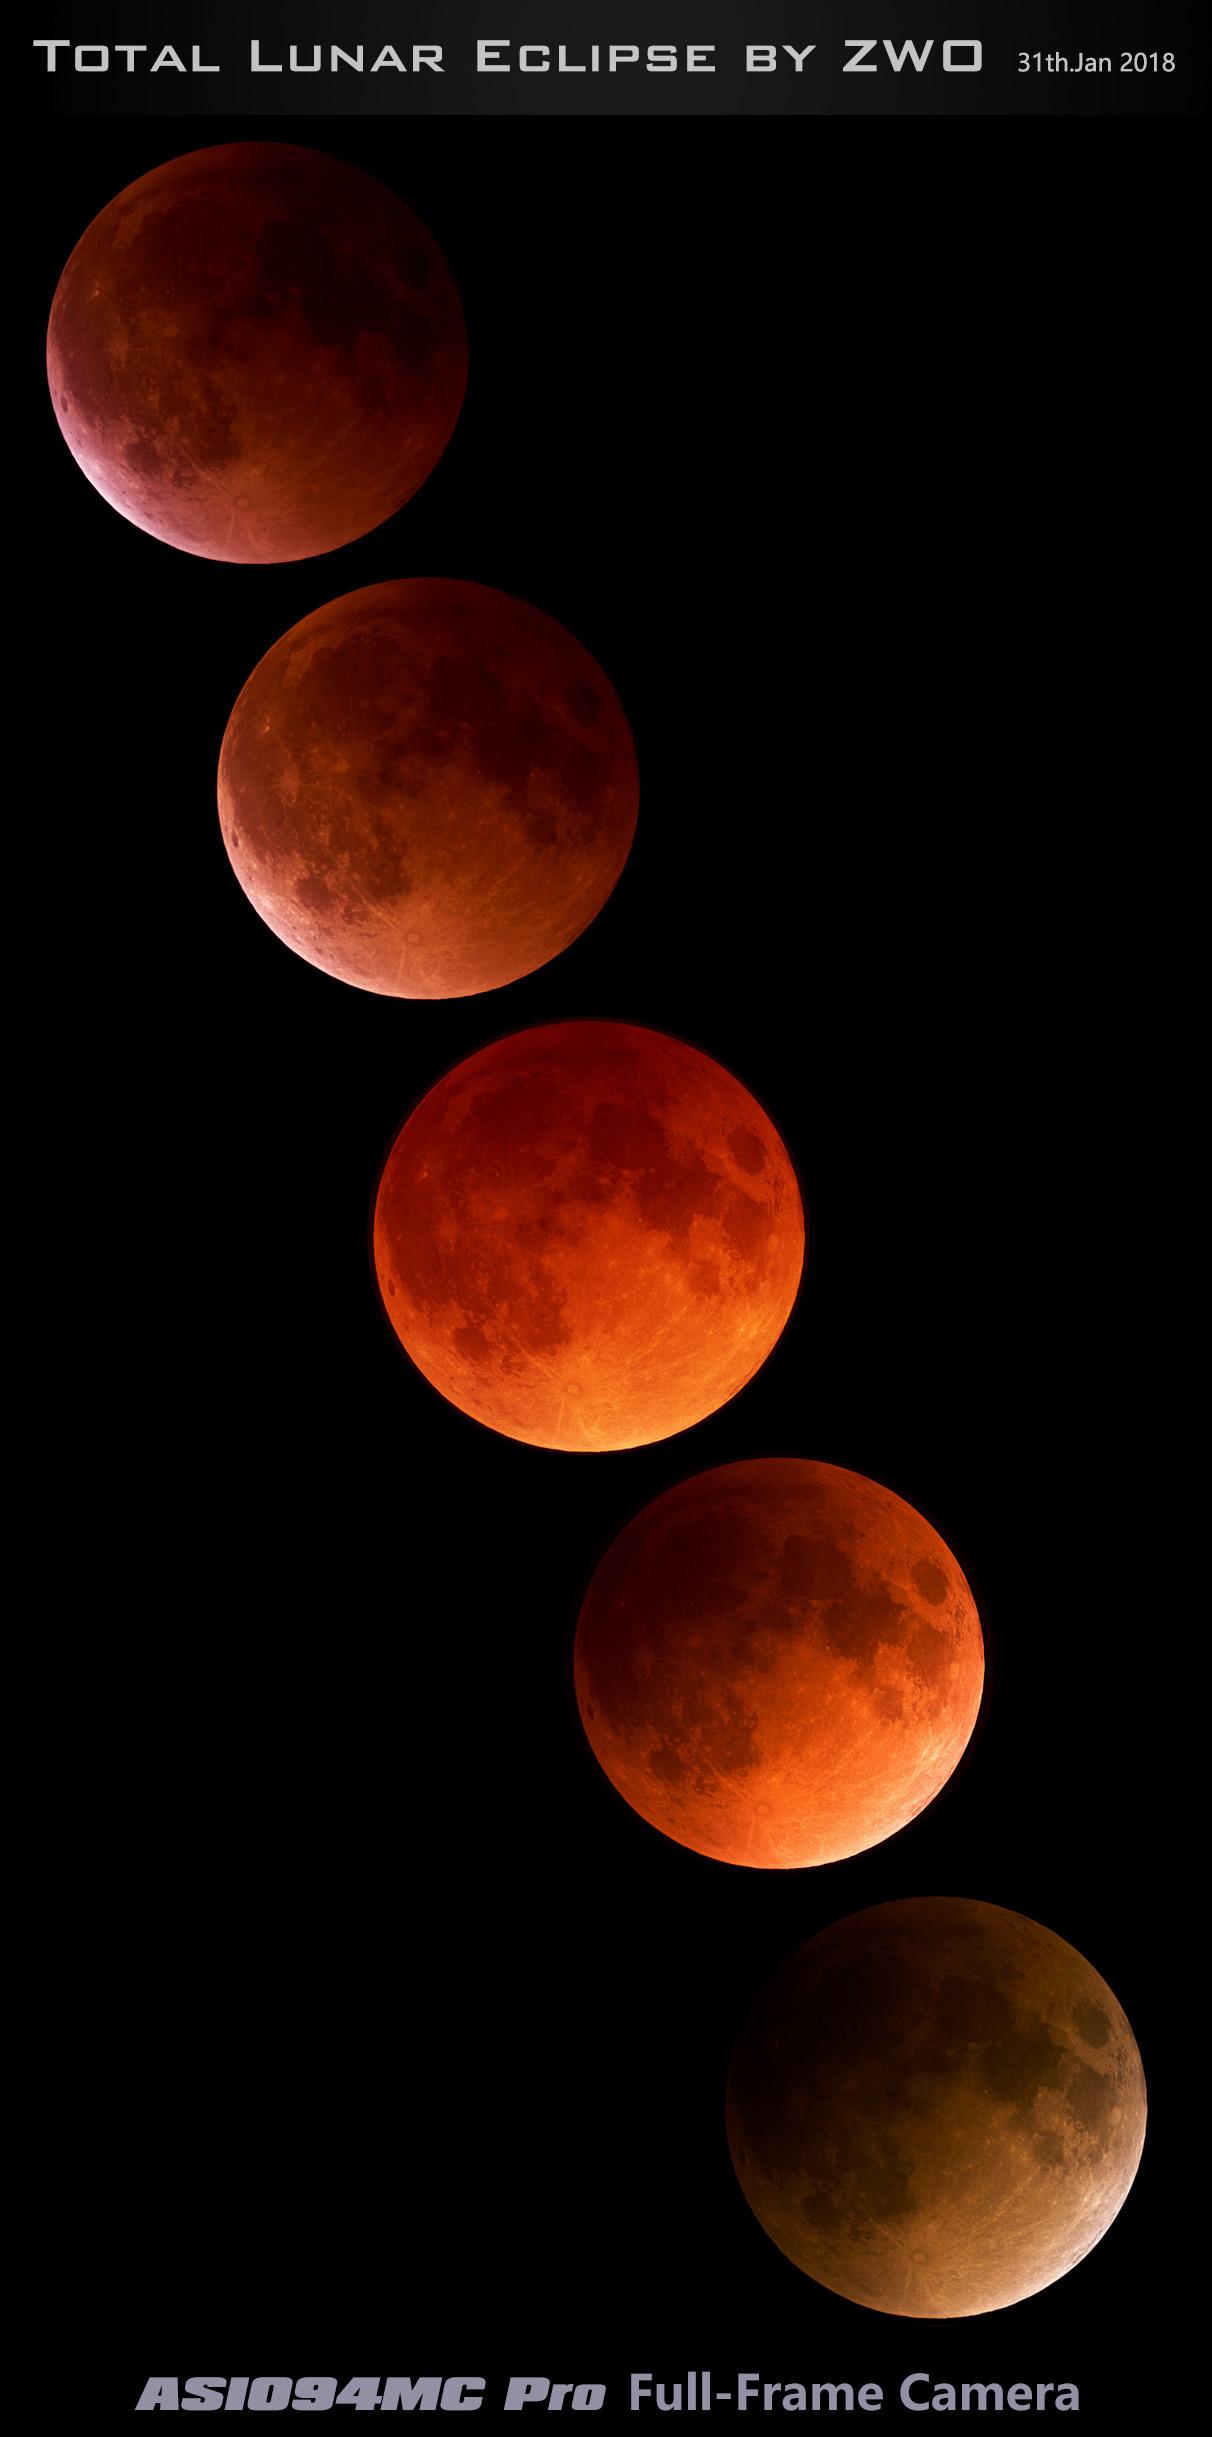 Lunar eclipse2018